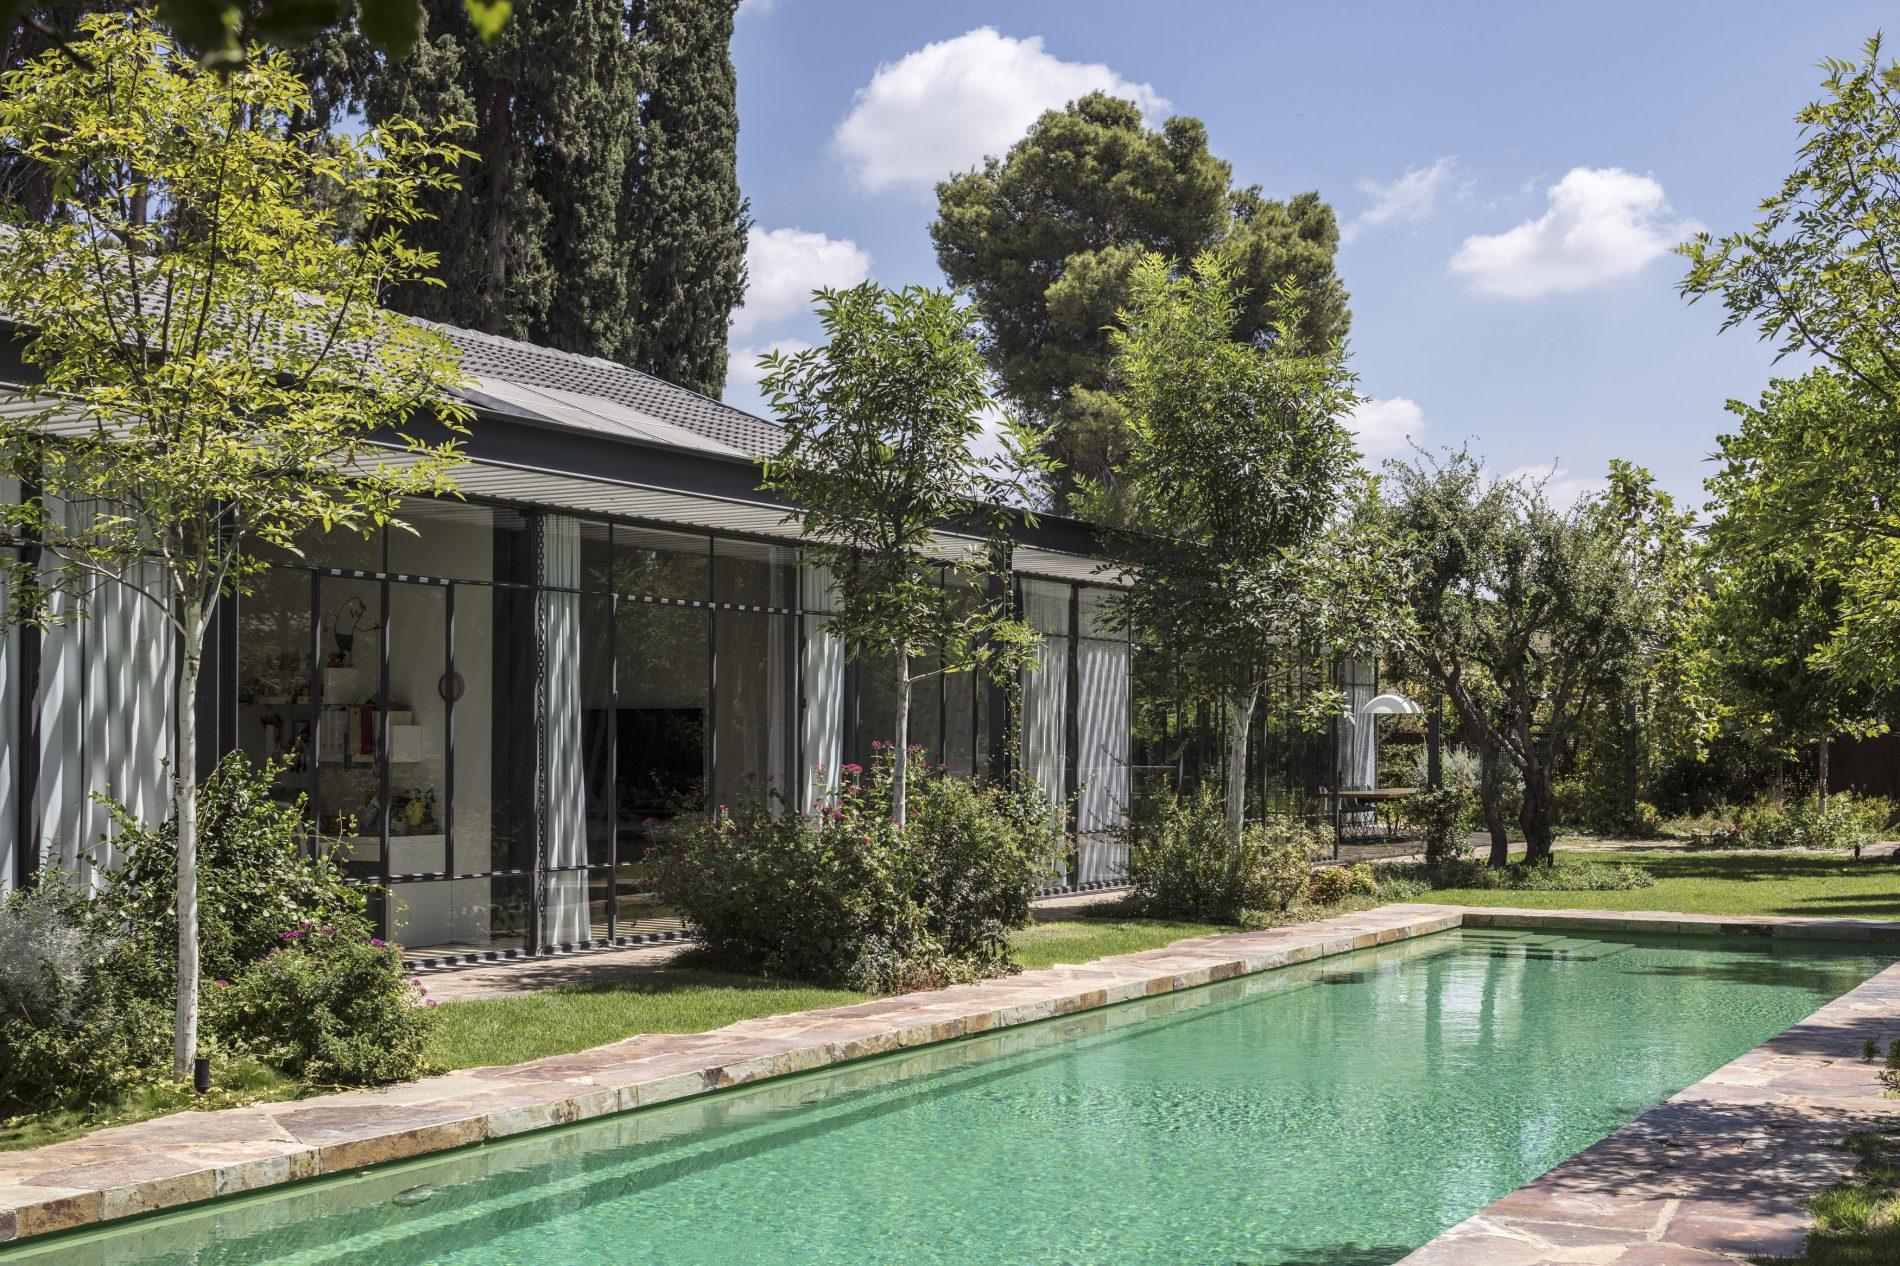 בית טובל בגן ובריכה לאורכו - בית הזכוכית